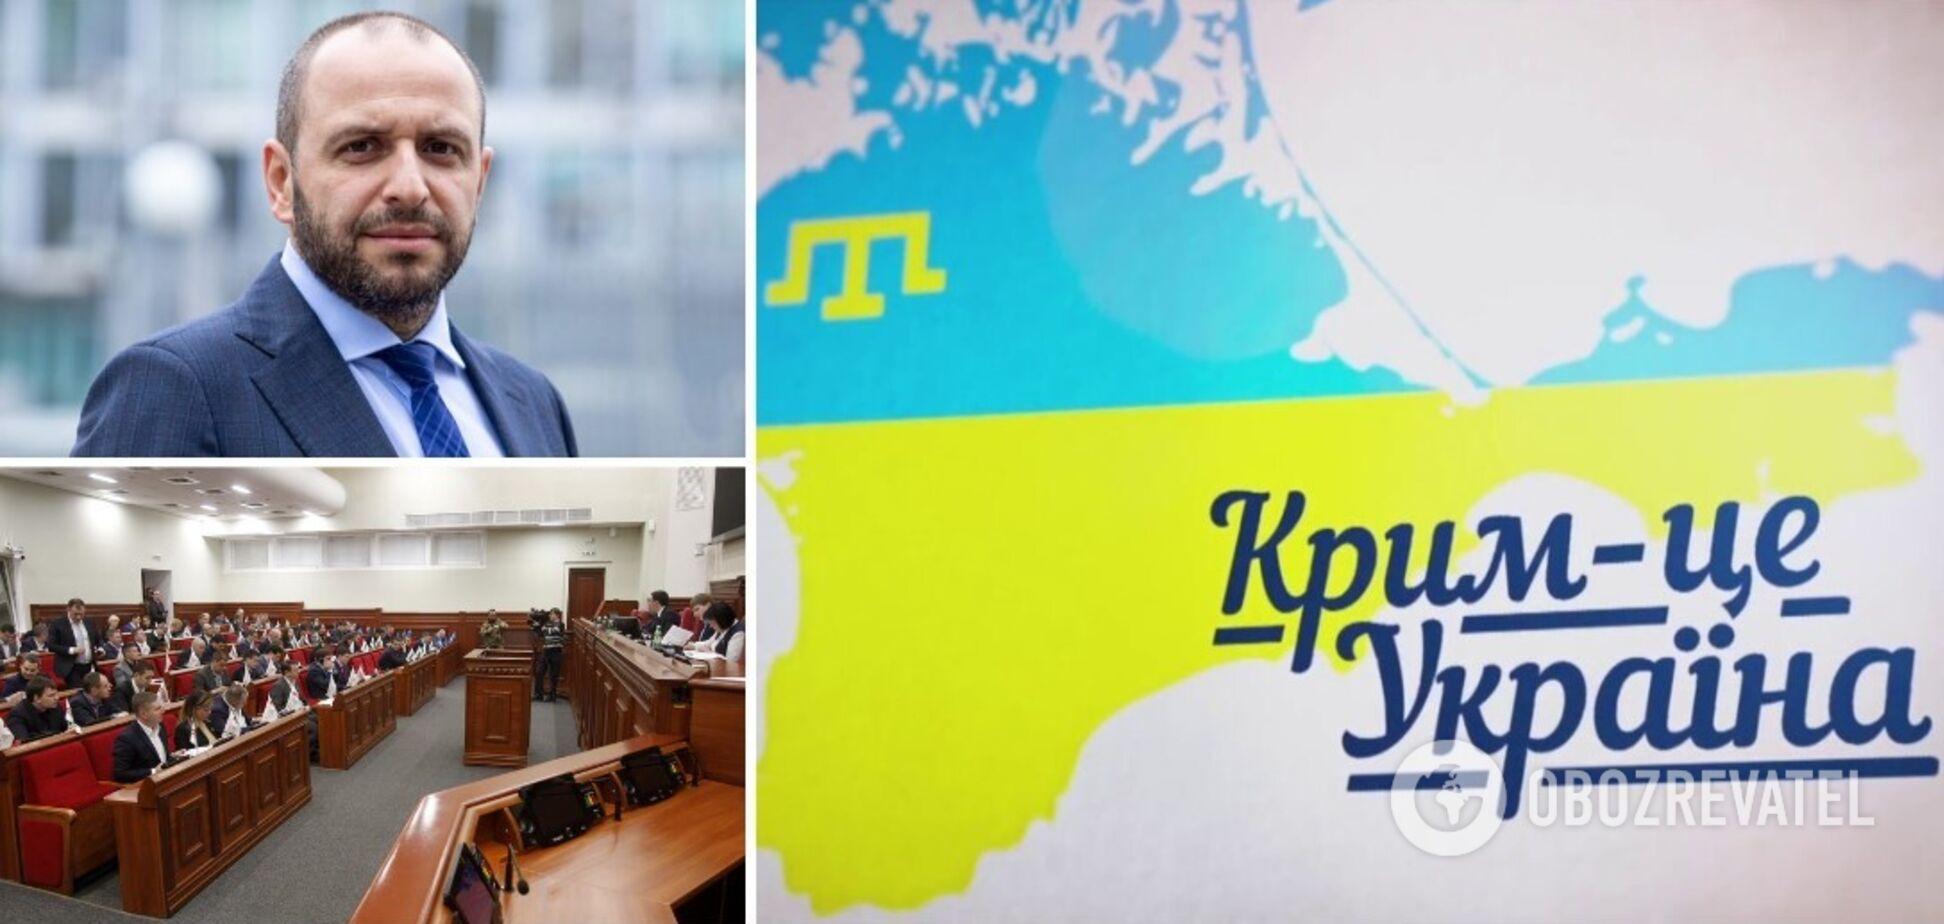 'Голос' ініціював створення у Києві центру 'Крим - це Україна'